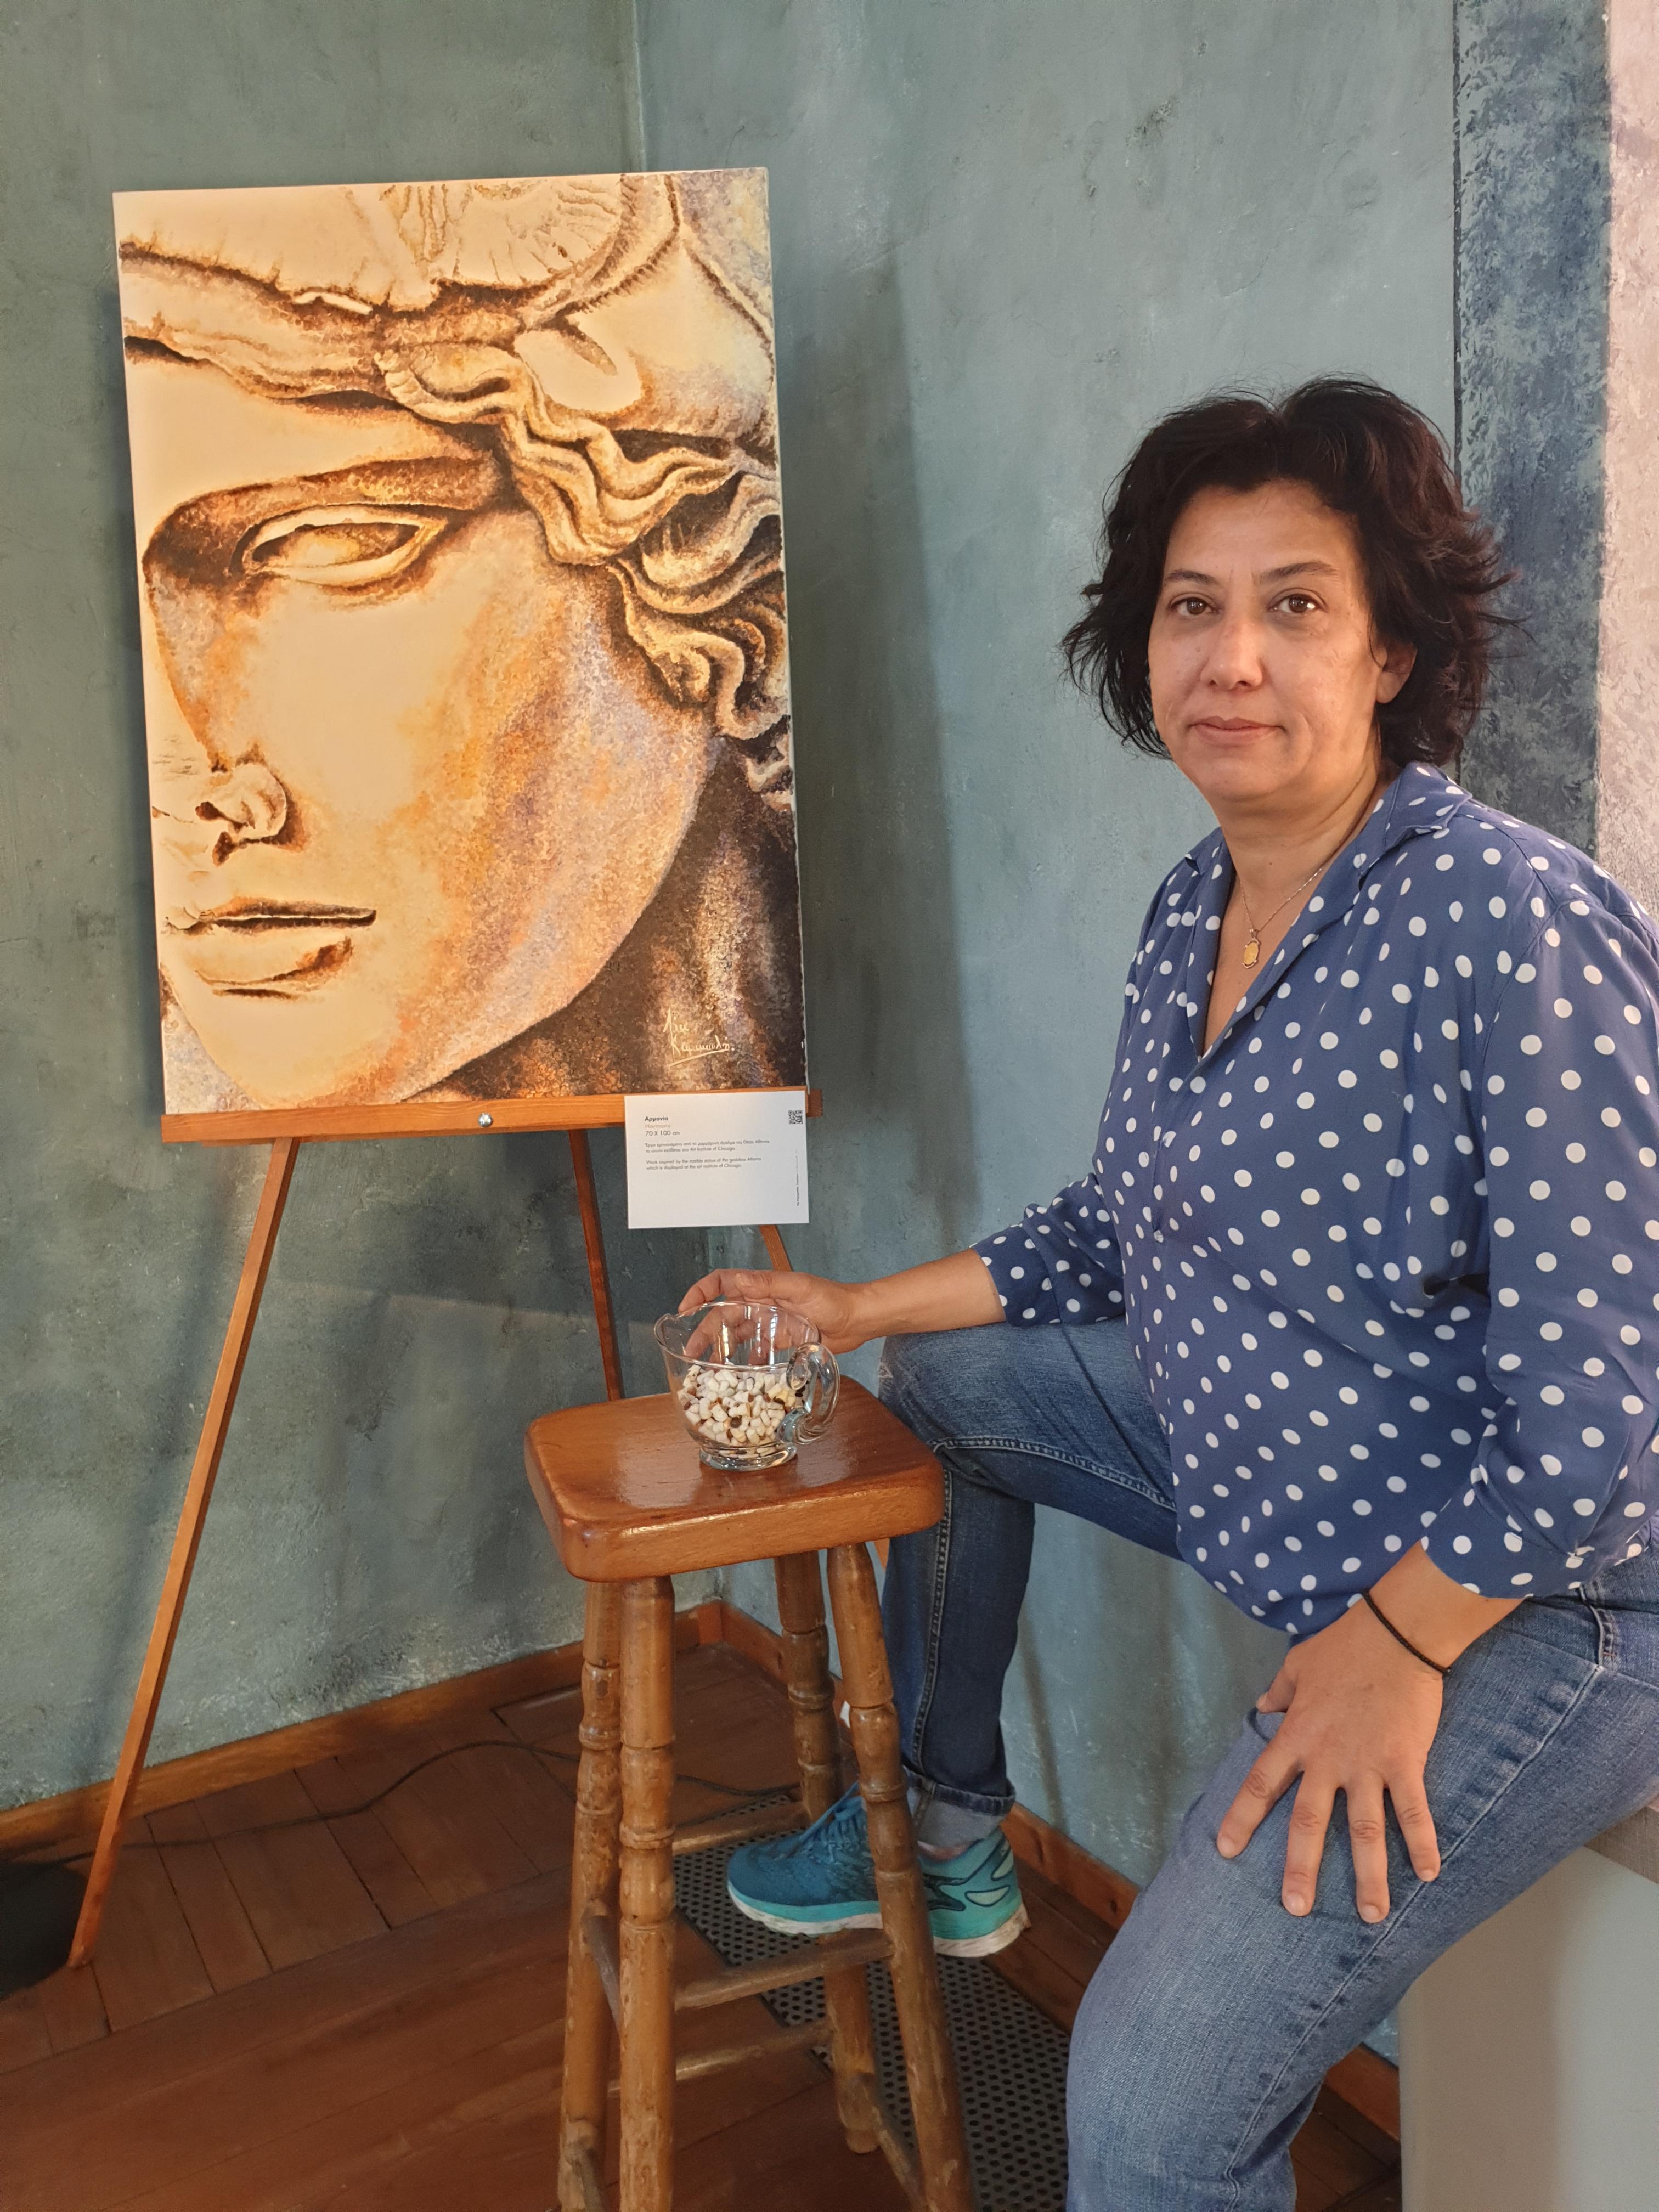 πινακας αλέξανδρος γυναίκα ζωγράφος